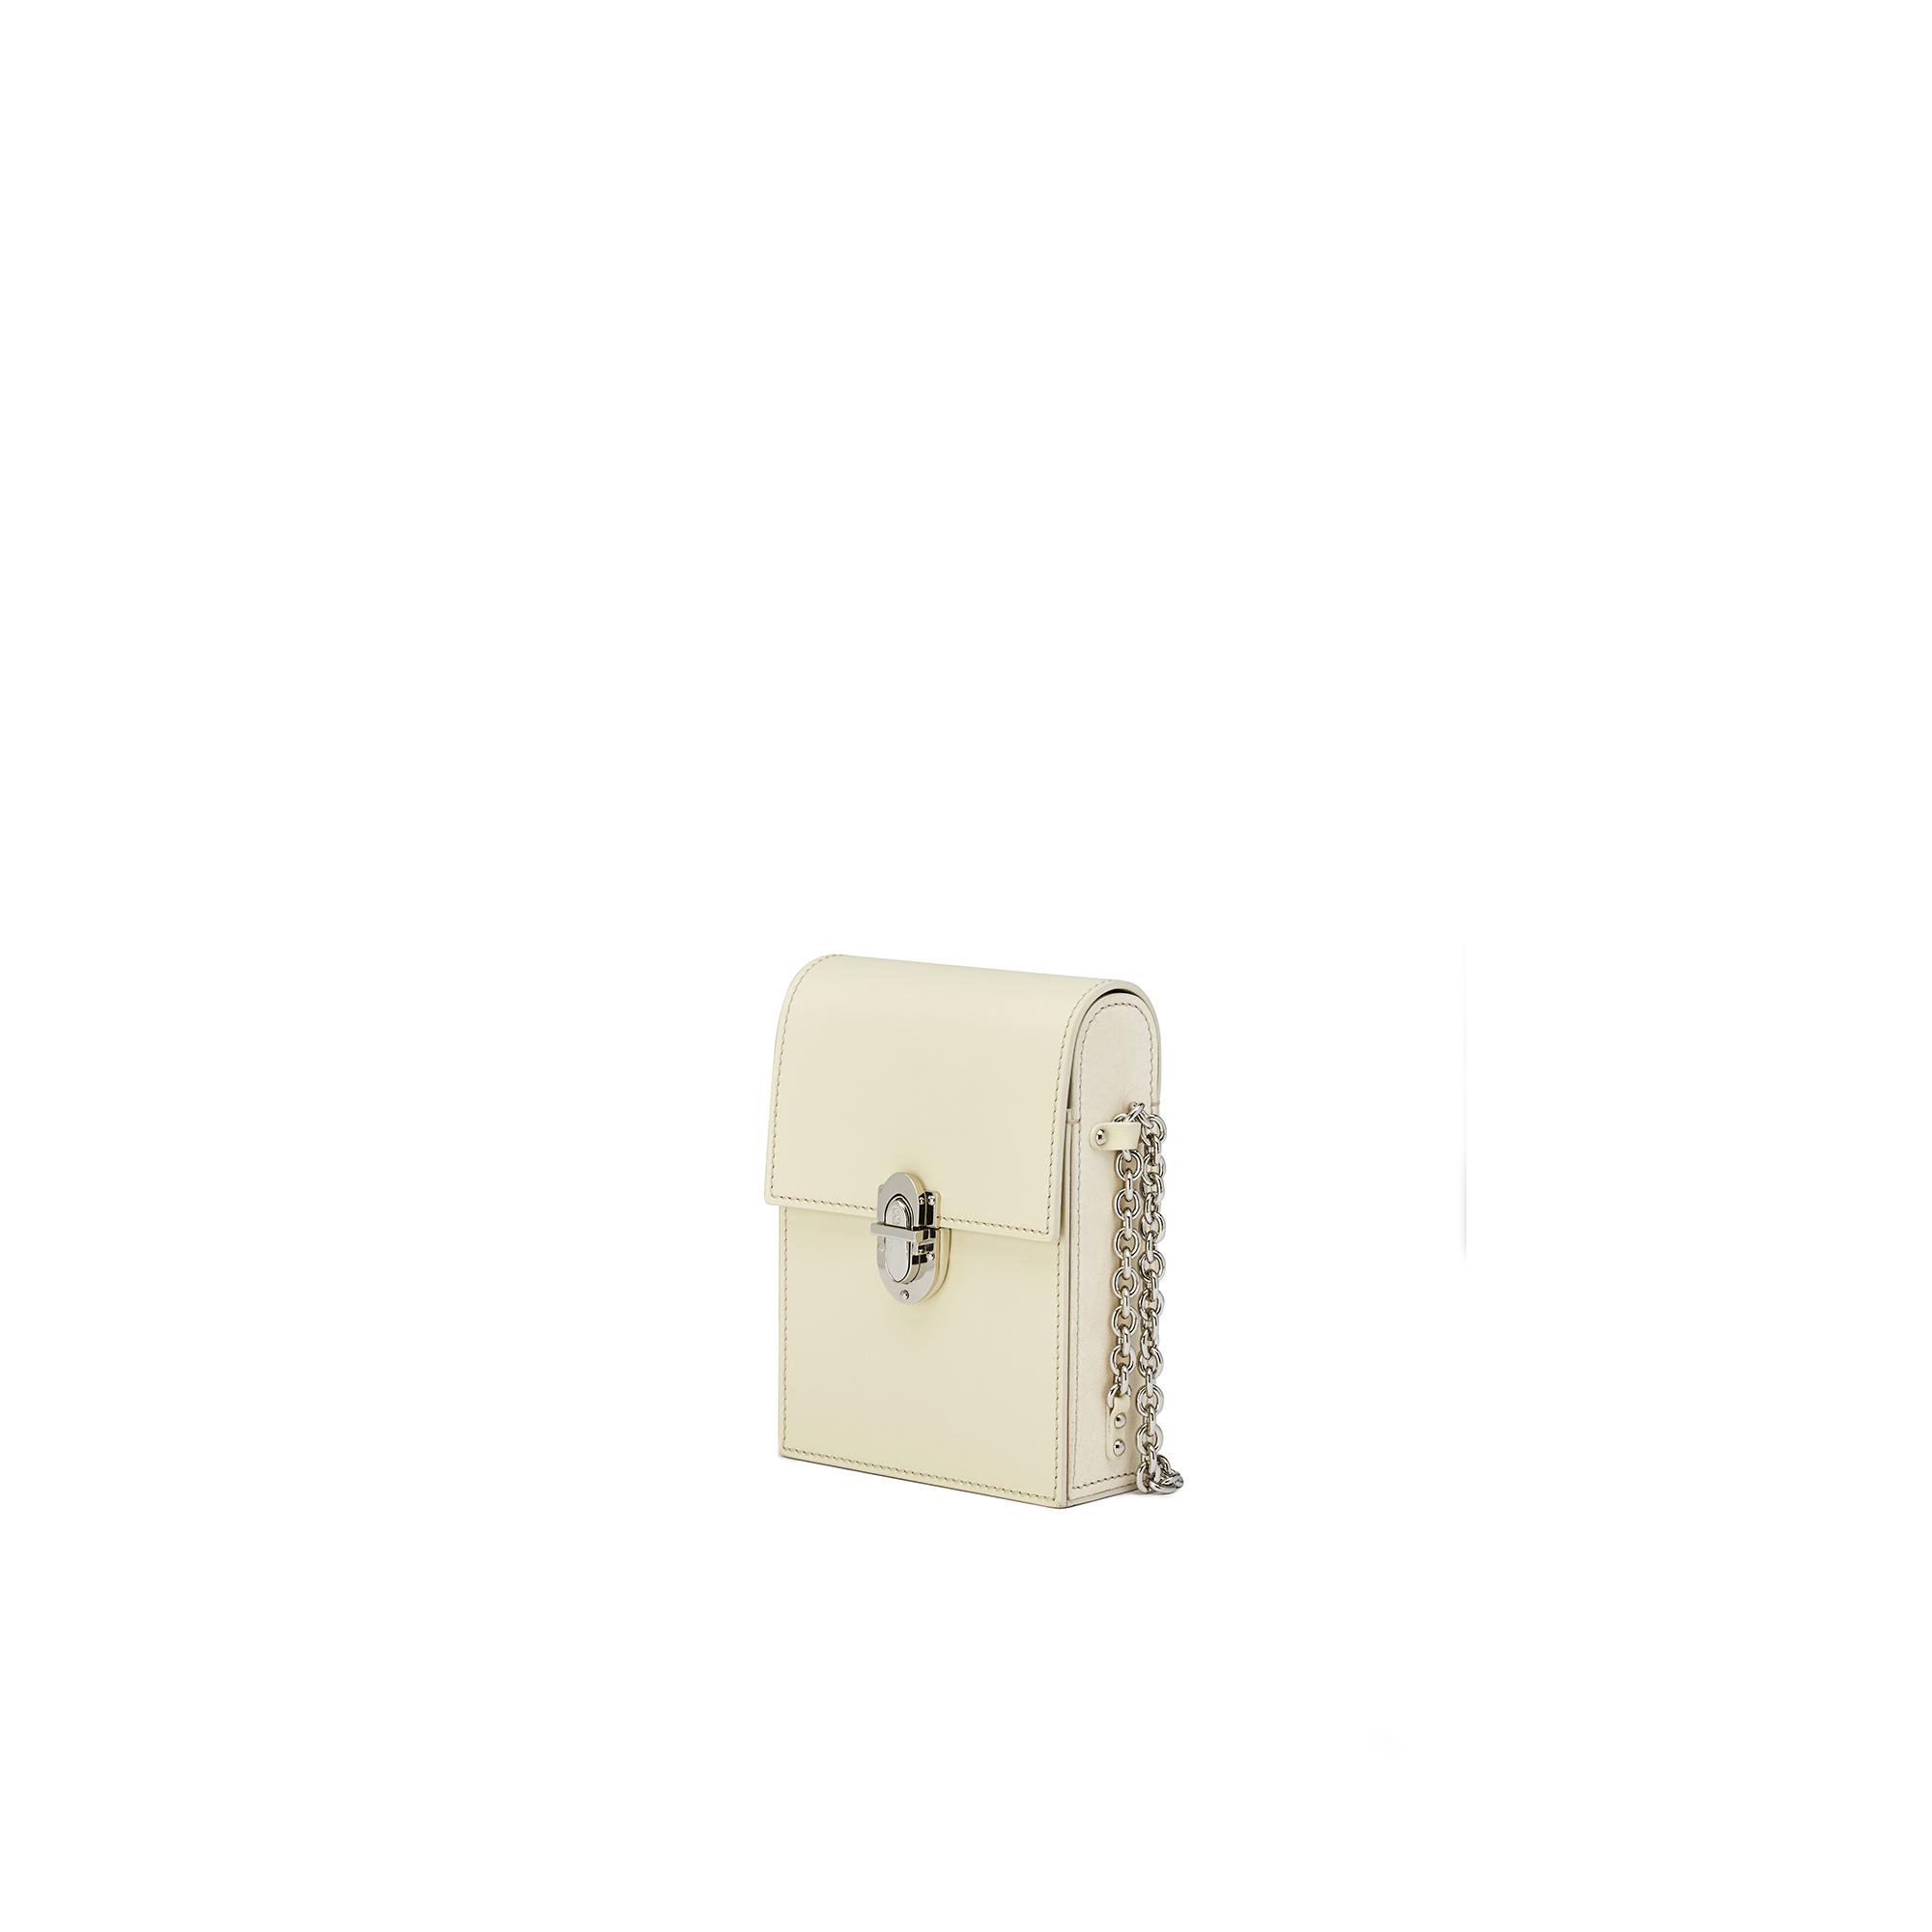 Mini-Gigi-ivory-french-calf-bag-Bertoni-1949_01